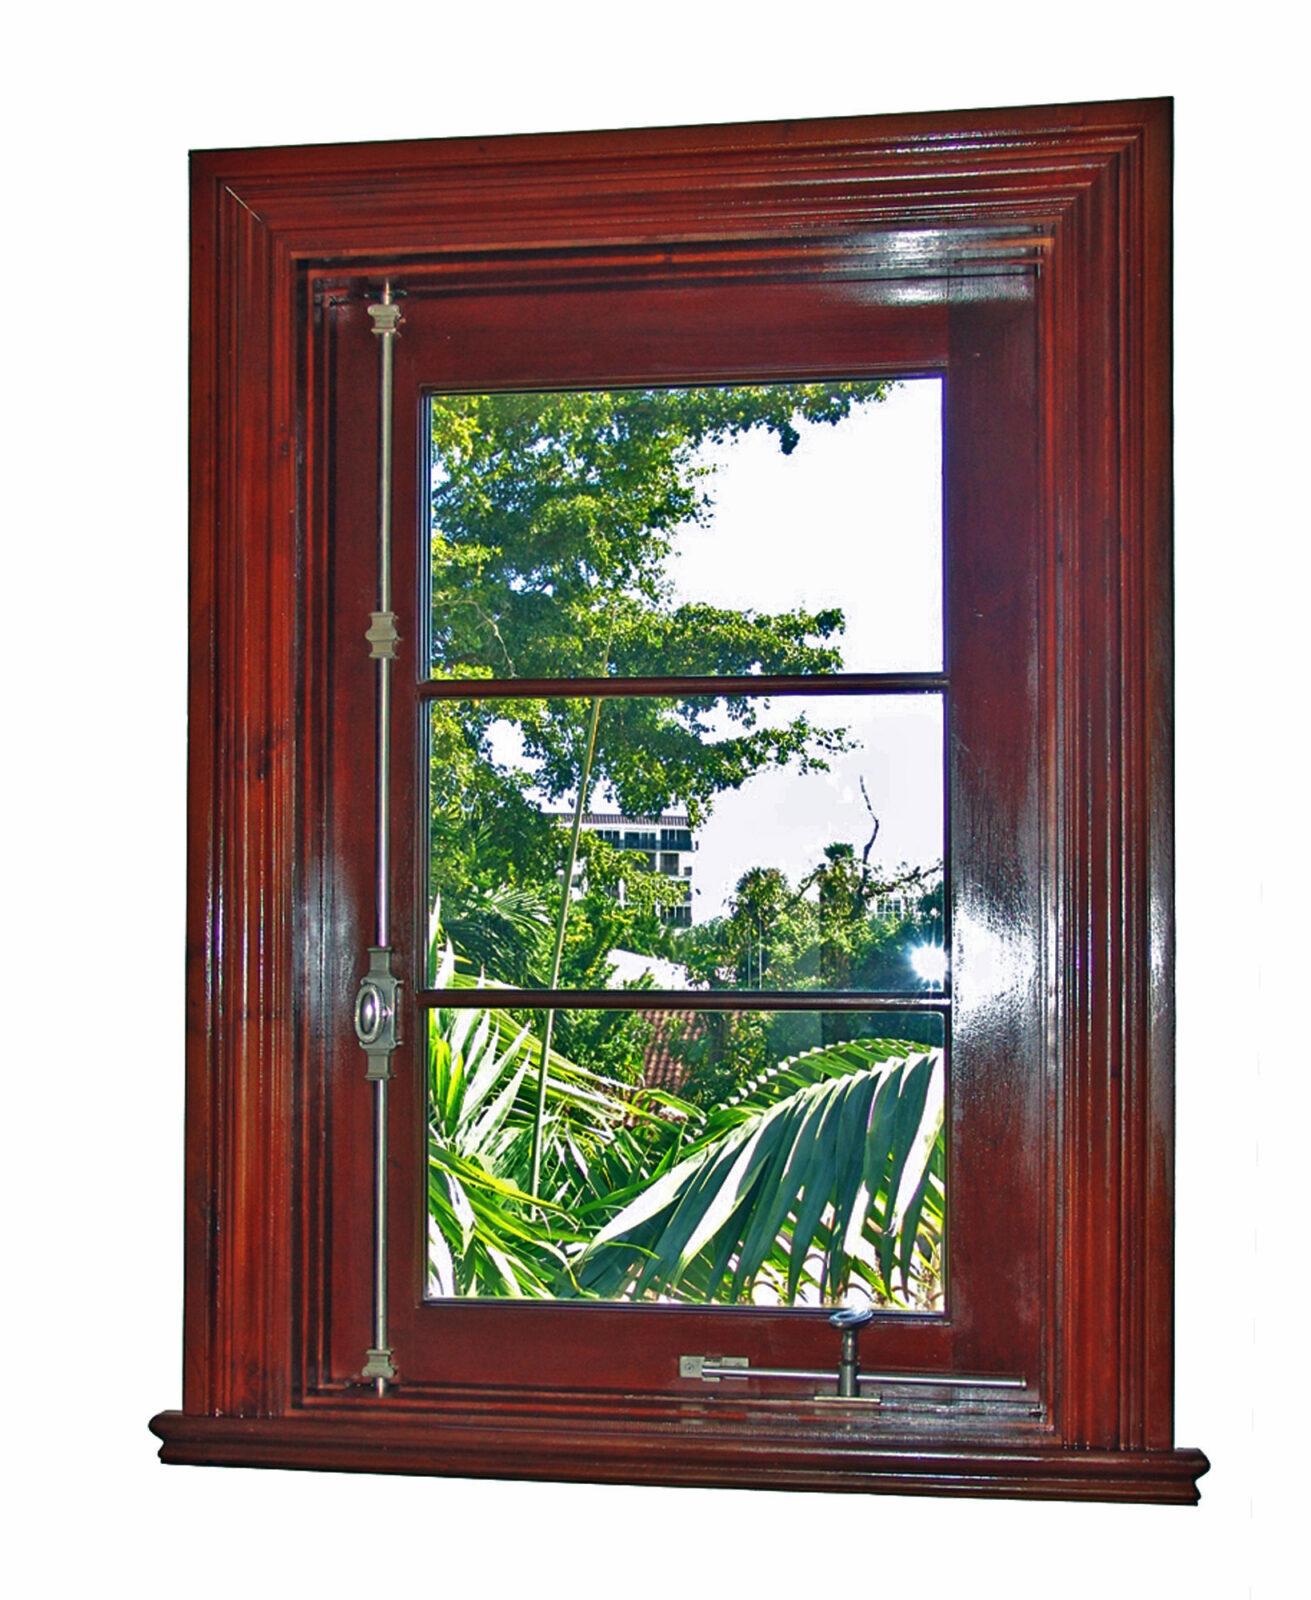 GABLES ESTATES MAHOGANY CASEMENT WINDOW